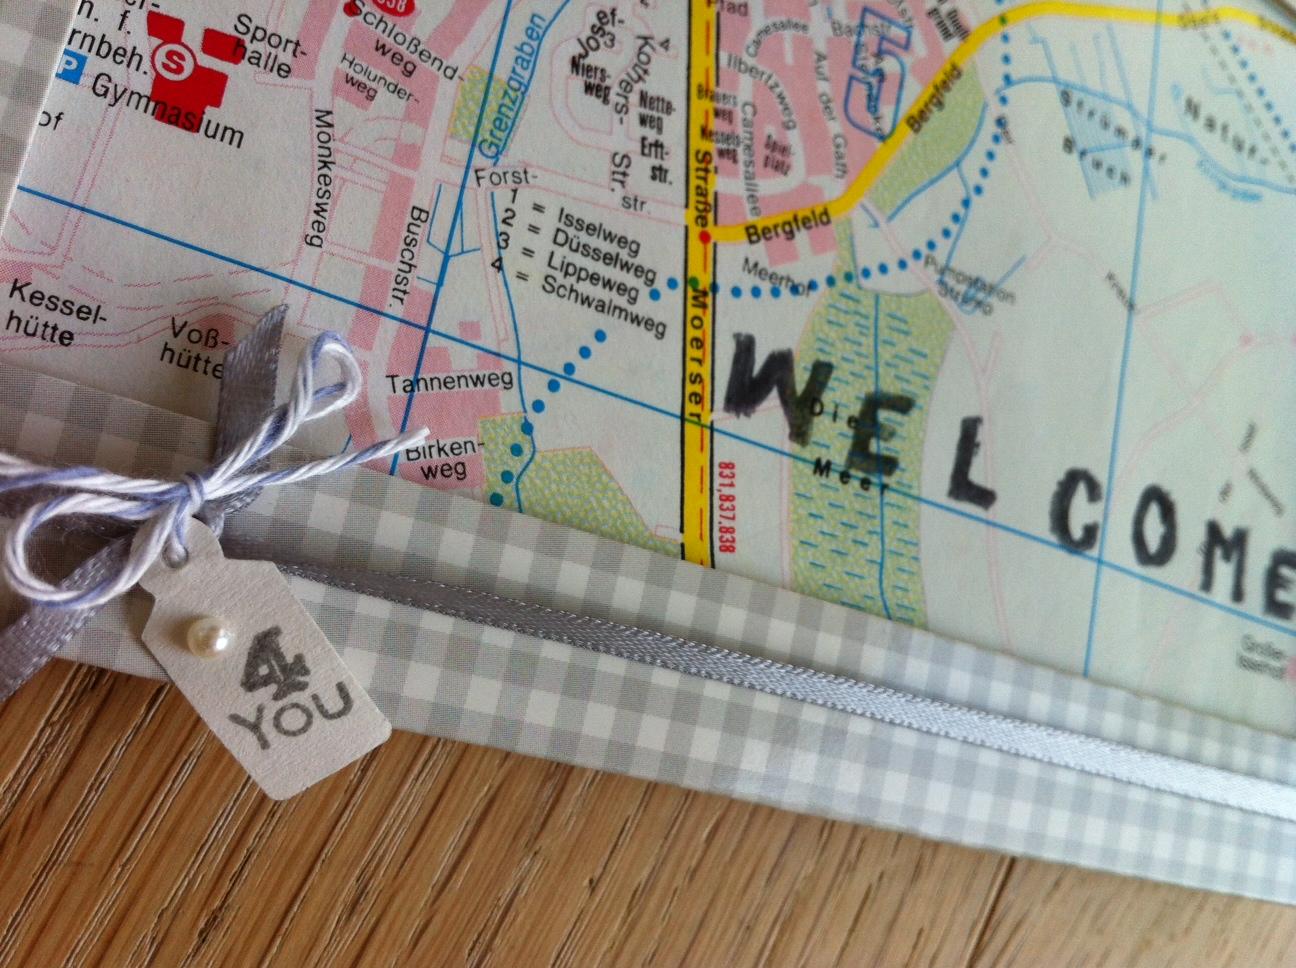 Mimi art nrw herzlich willkommen for Auslandsjahr geschenk